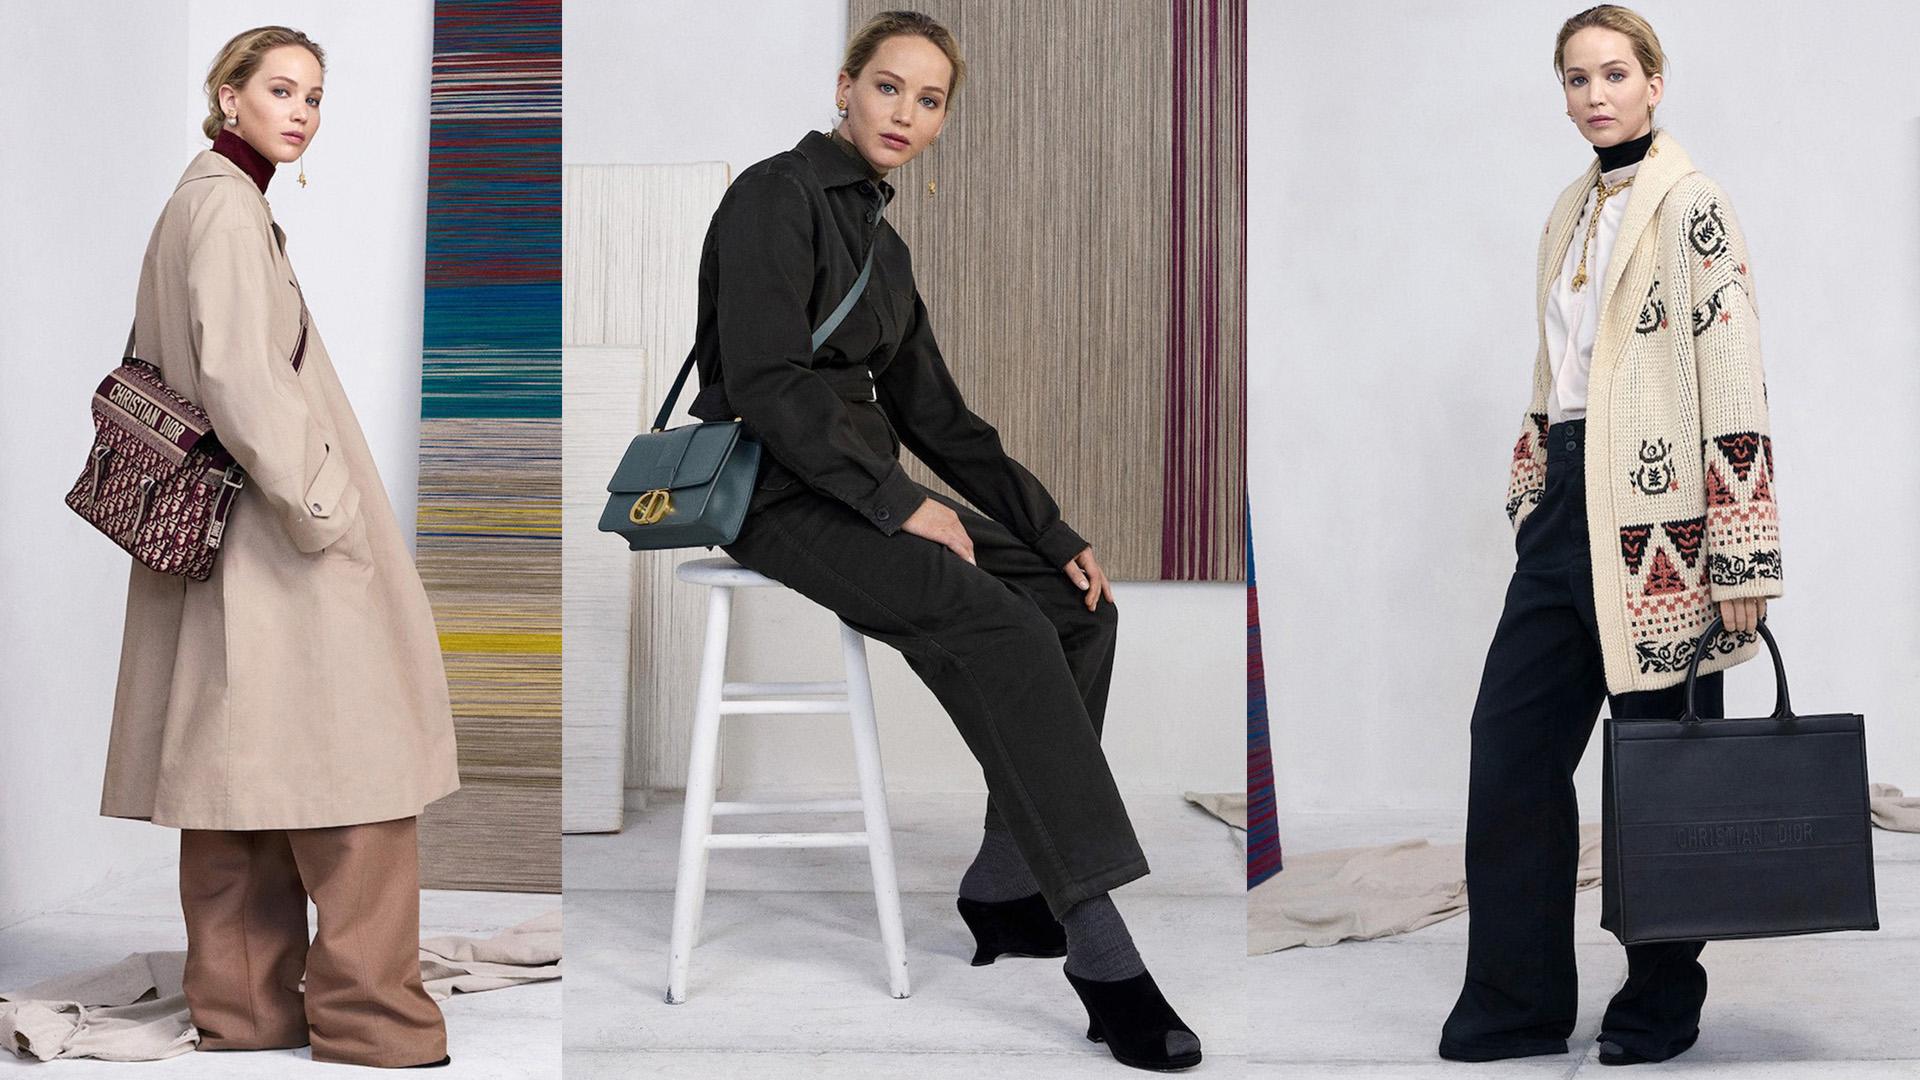 Jennifer Lawrence en la campaña de Dior que le rinde homenaje al lugar donde nació la marca.